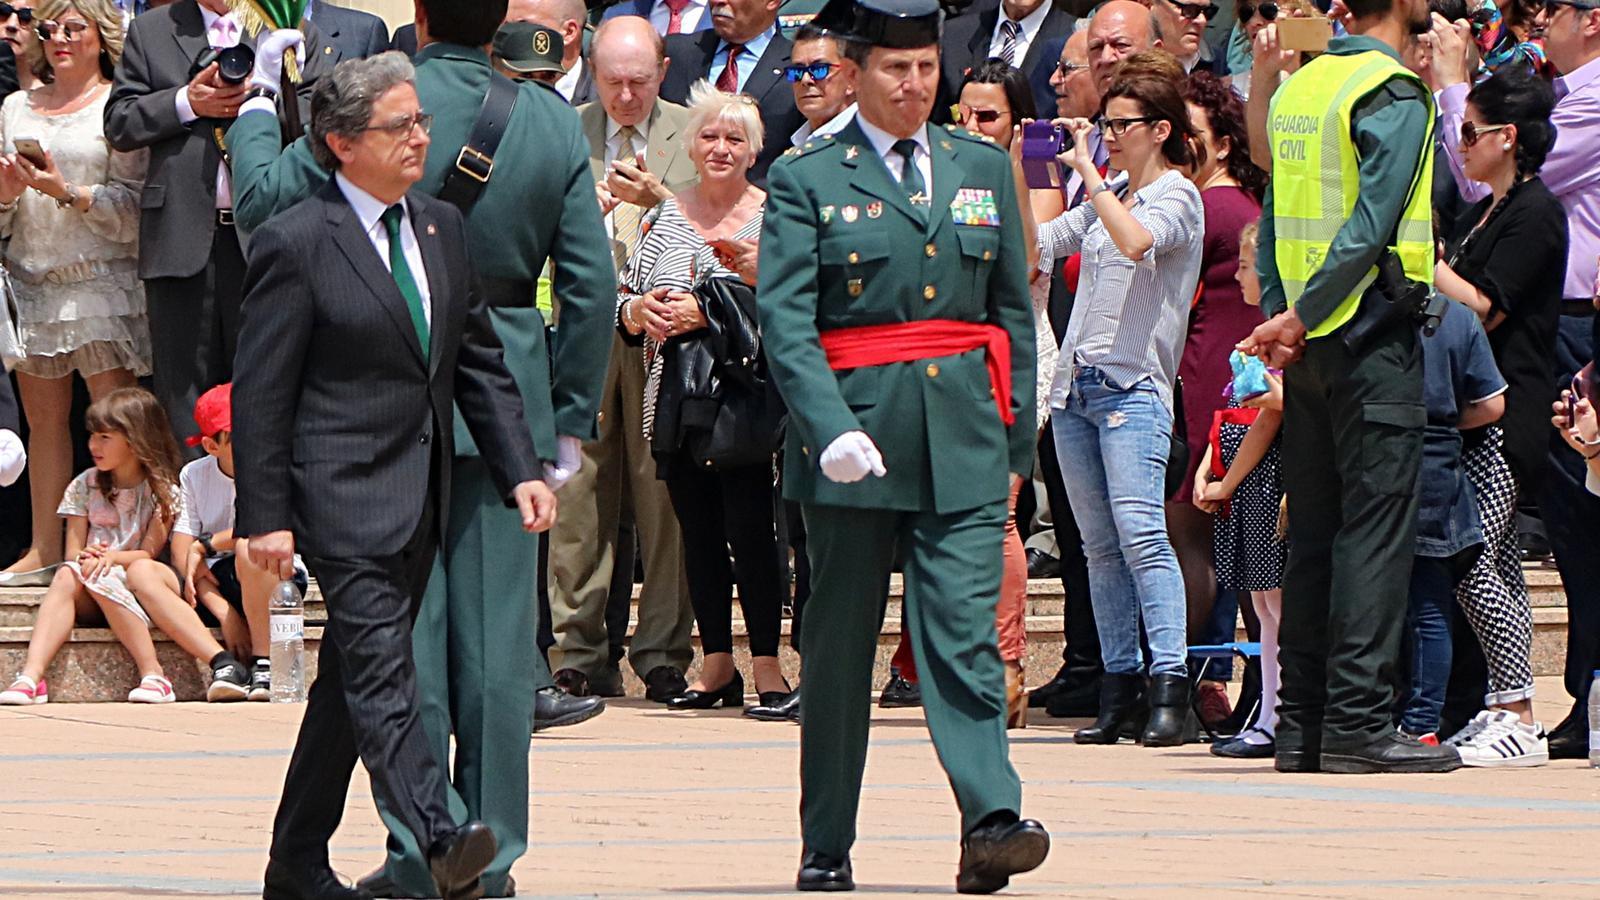 El delegat del govern espanyol, Enric Millo, i el tinent coronel de la Guàrdia Civil, Ángel Gozalo